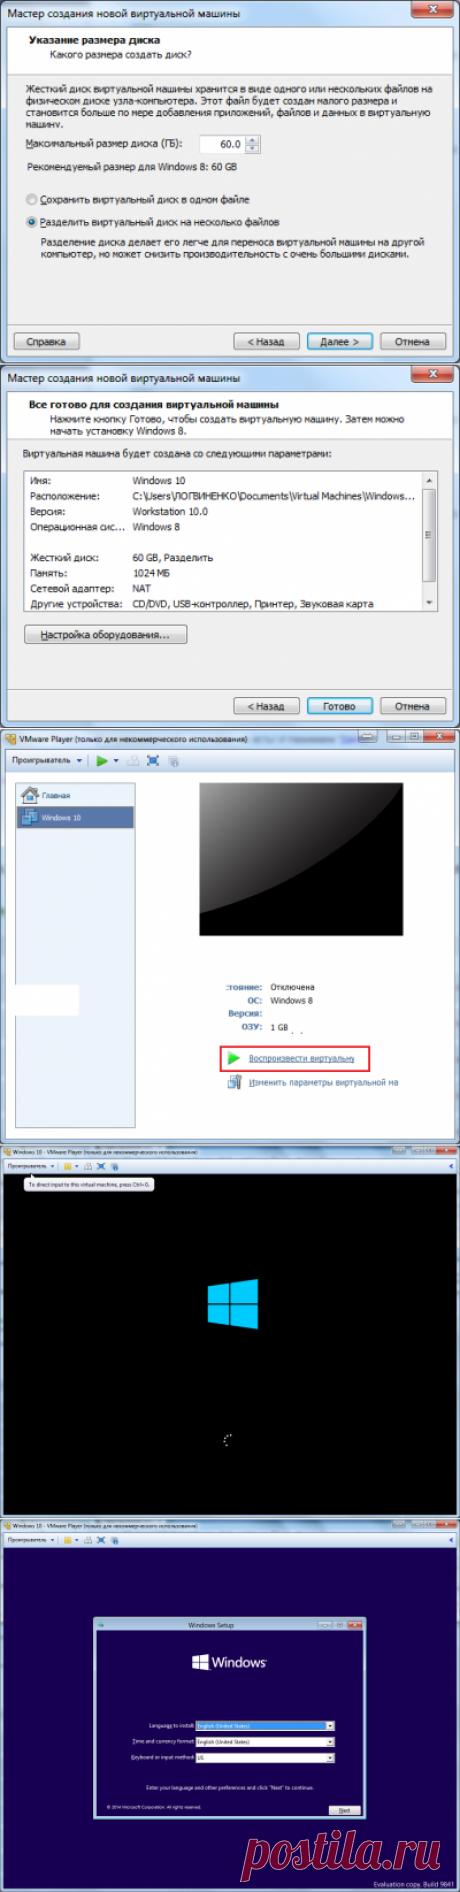 [инструкция по установке] Как установить Windows 10 Technical Preview RUS на VMware Player - Windows 10 - Форум системных администраторов